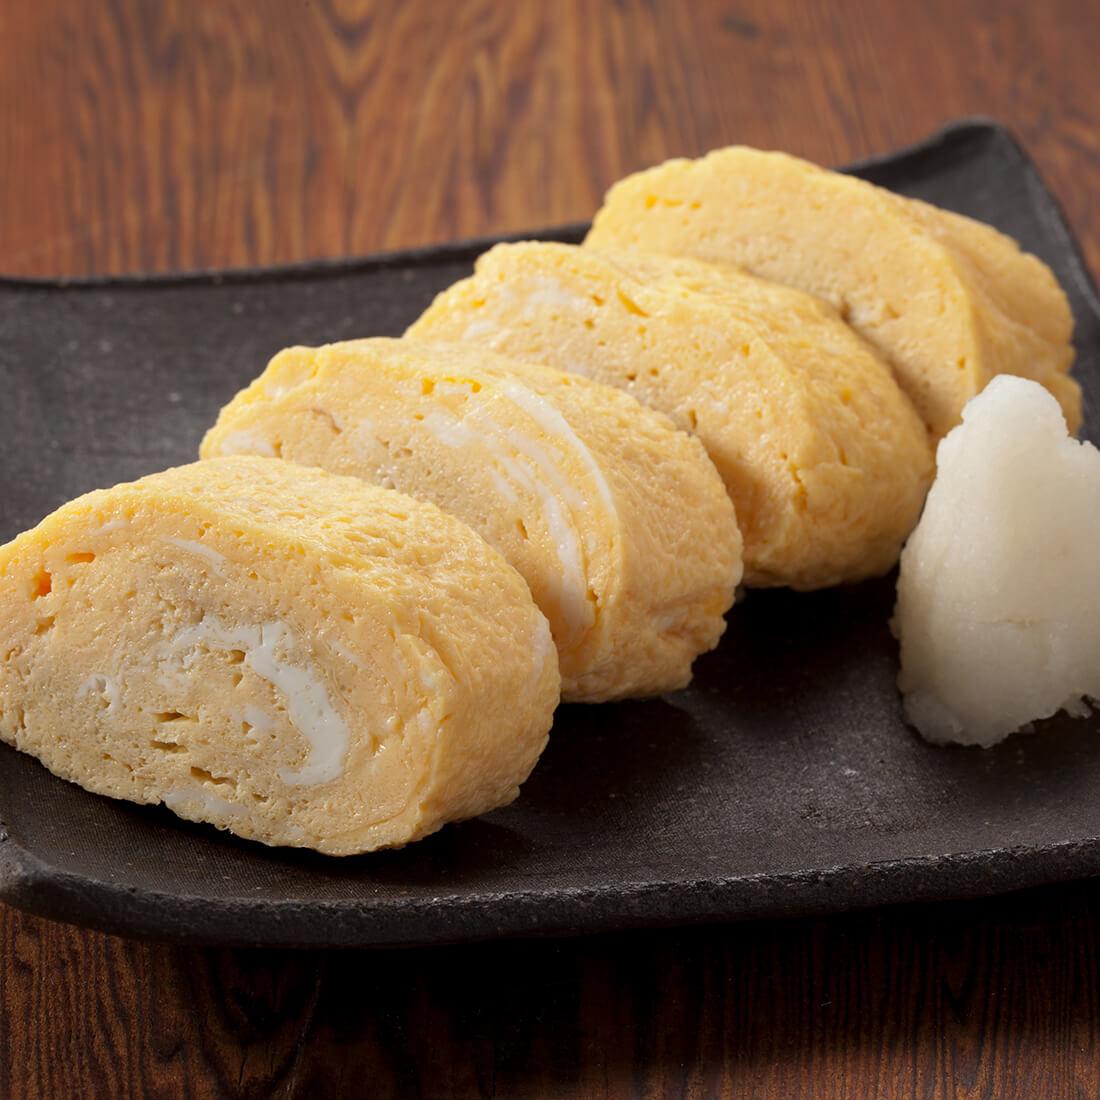 Dashimaki<br />(Japanese egg omelet)